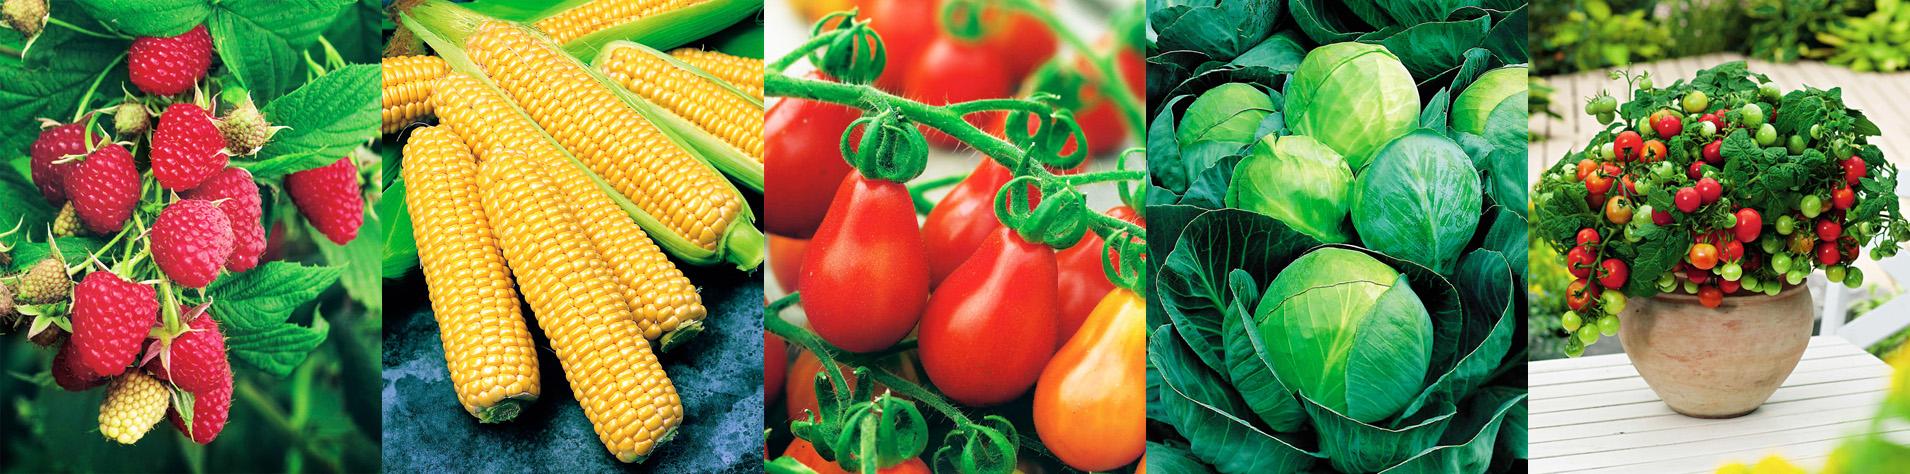 Пакетики для насіння оптом придбати за доступною ціною